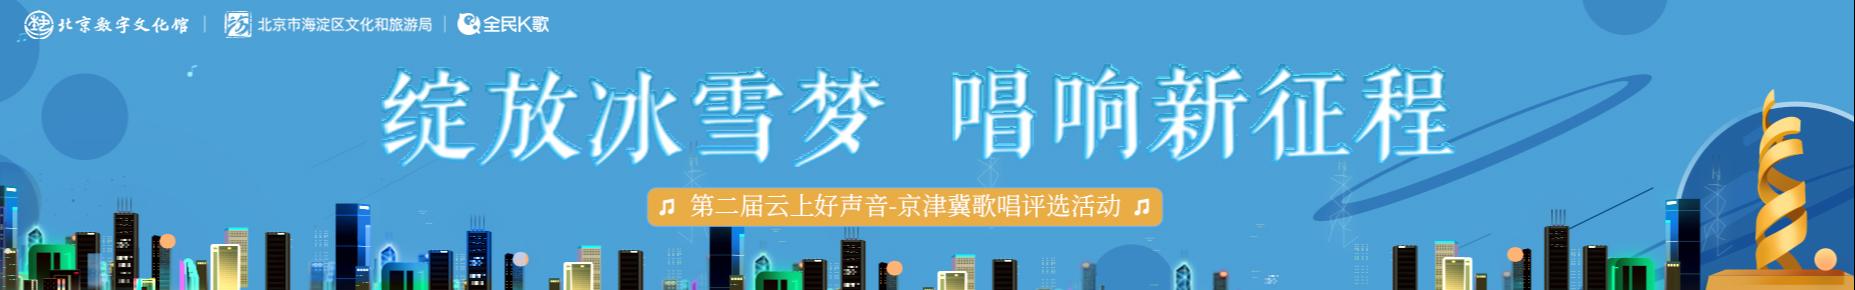 """""""绽放冰雪梦 唱响新征程"""" 第二届云上好声音——京津冀歌唱评选活动"""